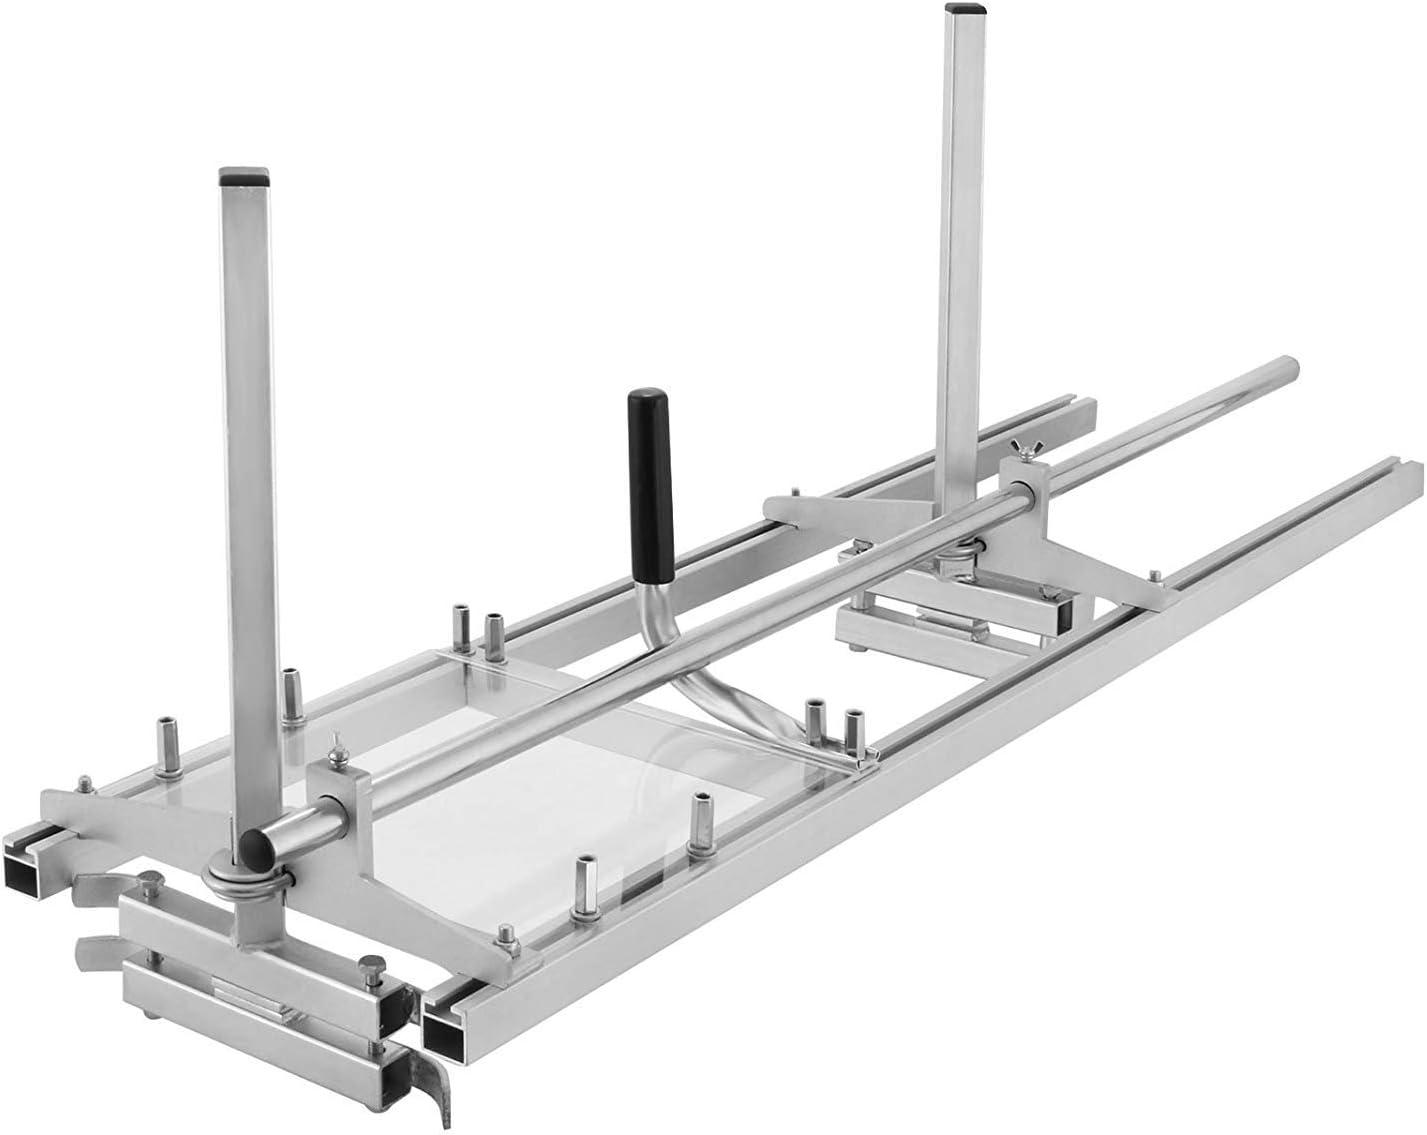 HUKOER Herramientas de Madera Molino de Motosierra Portátil de Aluminio Acero con Longitud de Tablas Ajustable 18